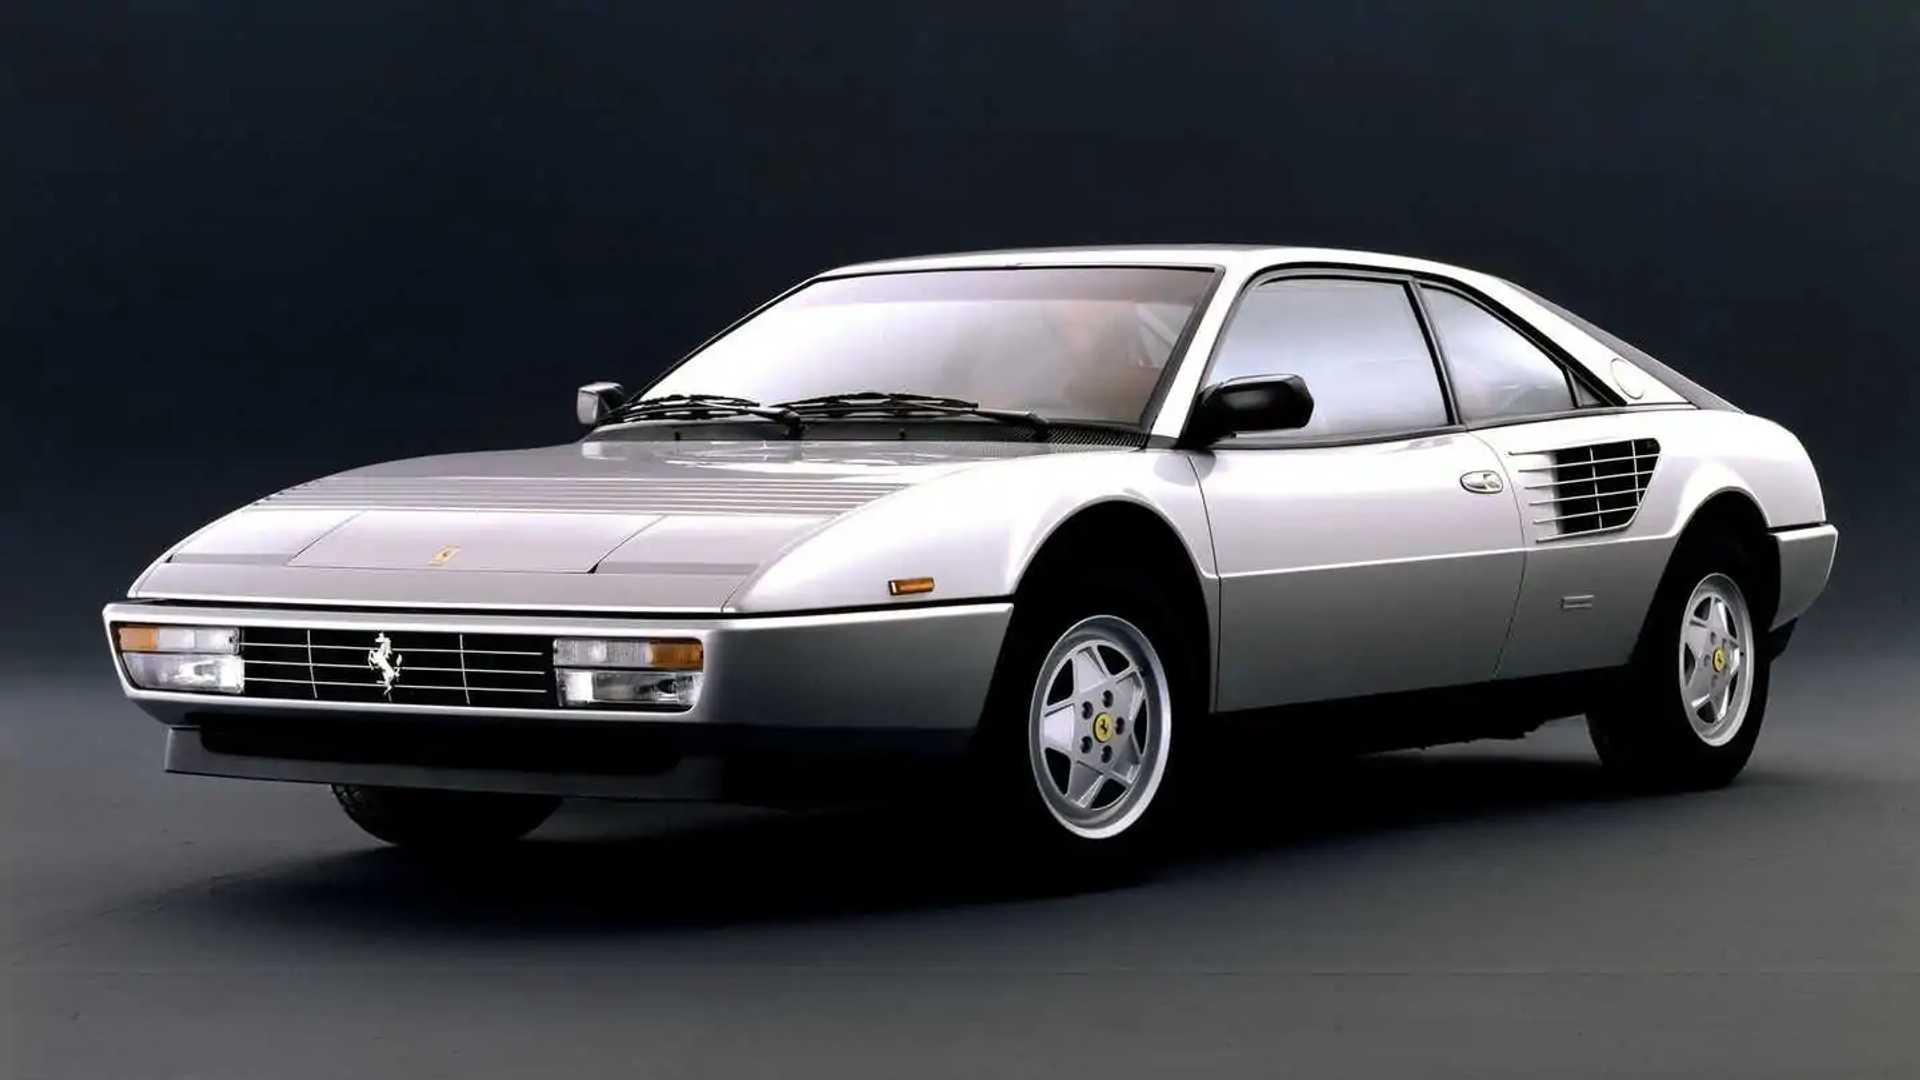 40 Jahre Ferrari Mondial Ungeliebter 2 2 Sitzer